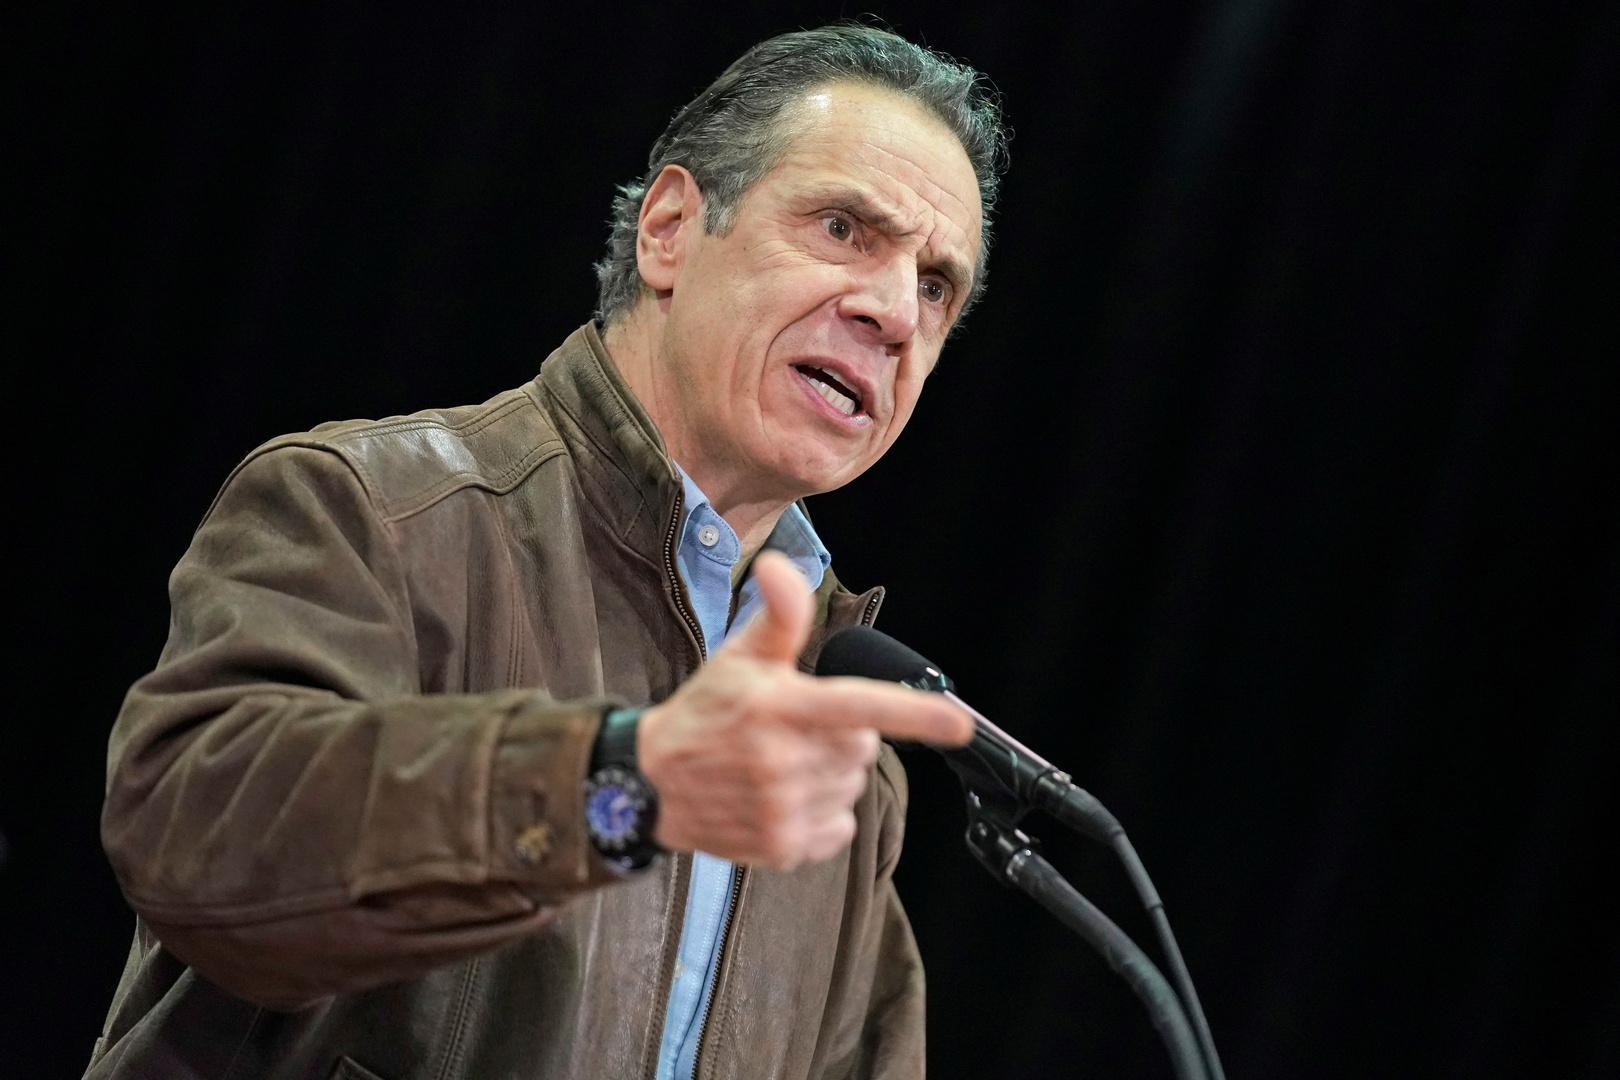 في أقل من أسبوعين.. امرأة ثالثة تتهم حاكم نيويورك بالتحرش الجنسي